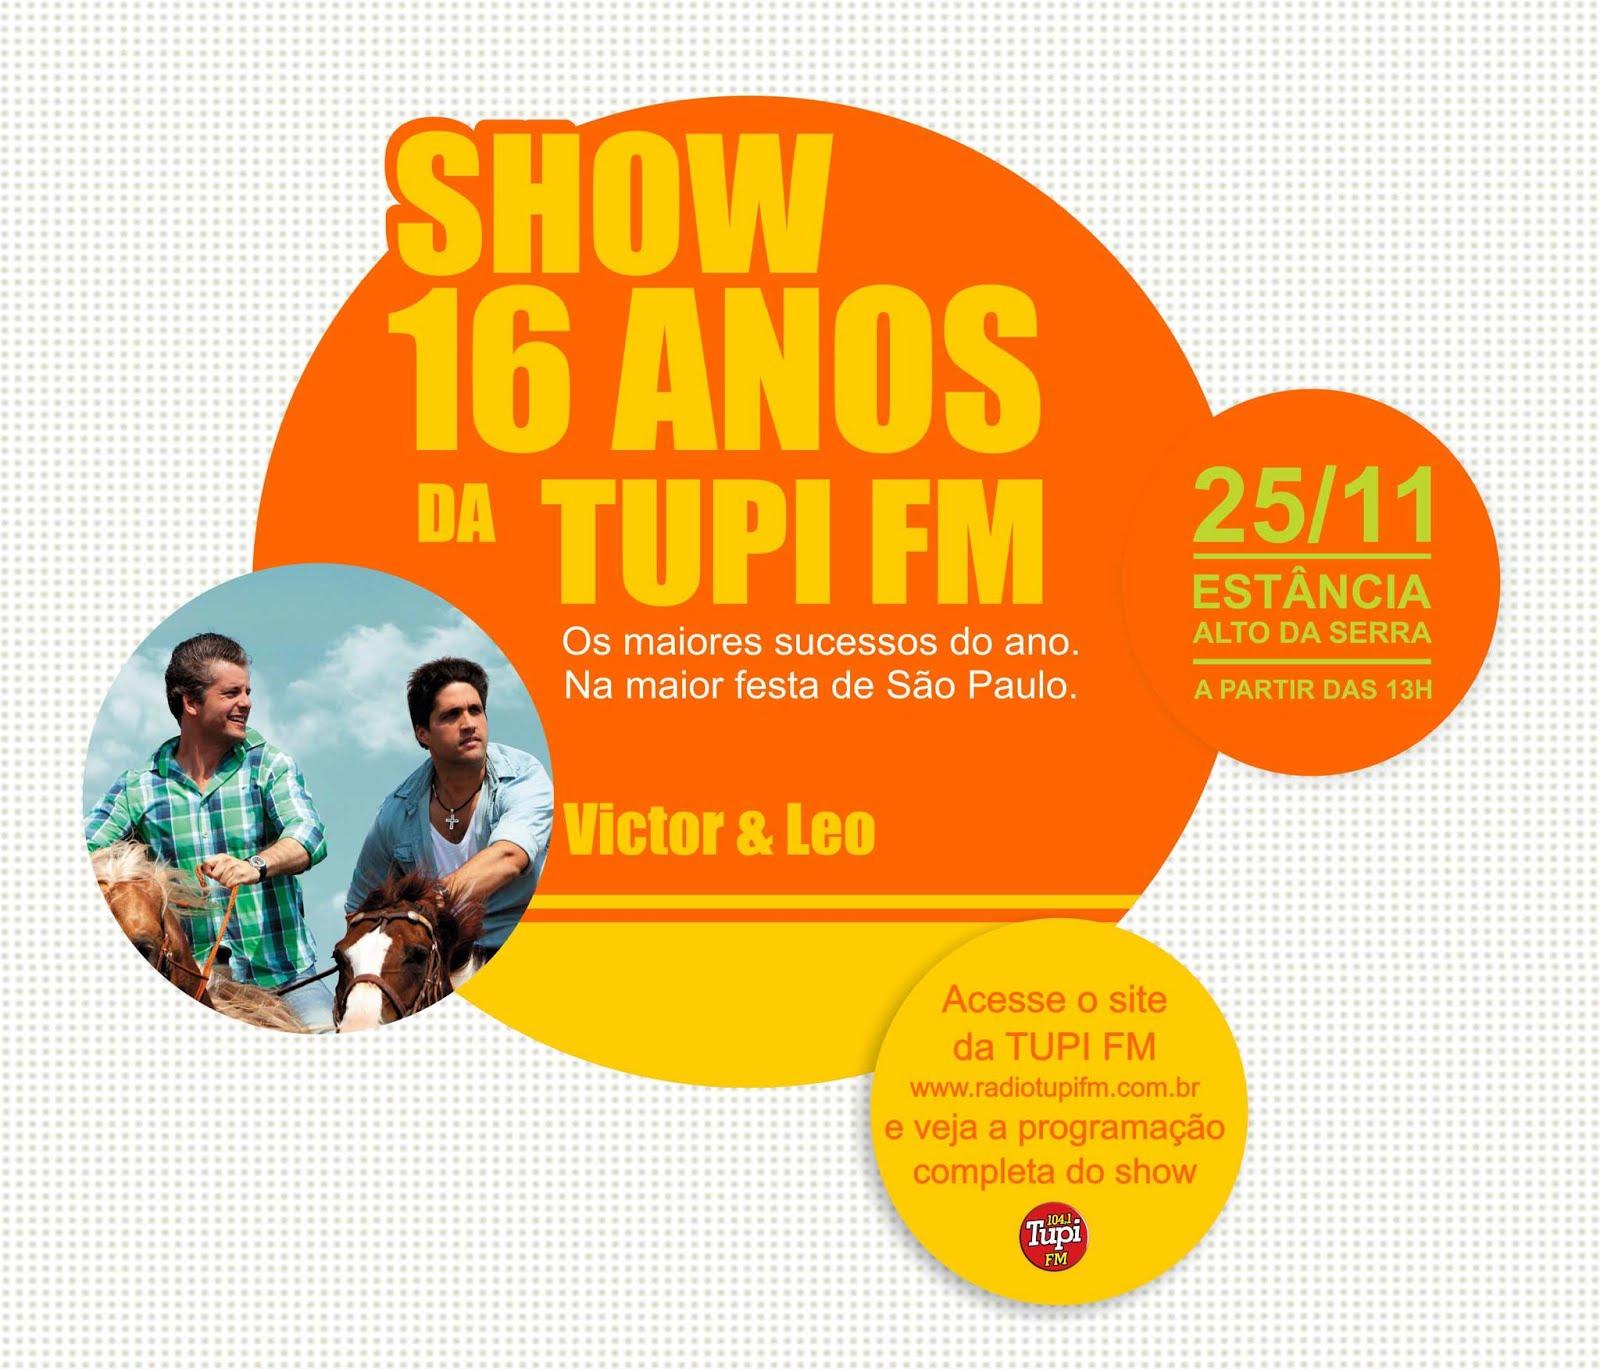 Sbc Lucas Moura Prix: Blog Victor Chaves: Victor & Leo Estarão Hoje No Show De